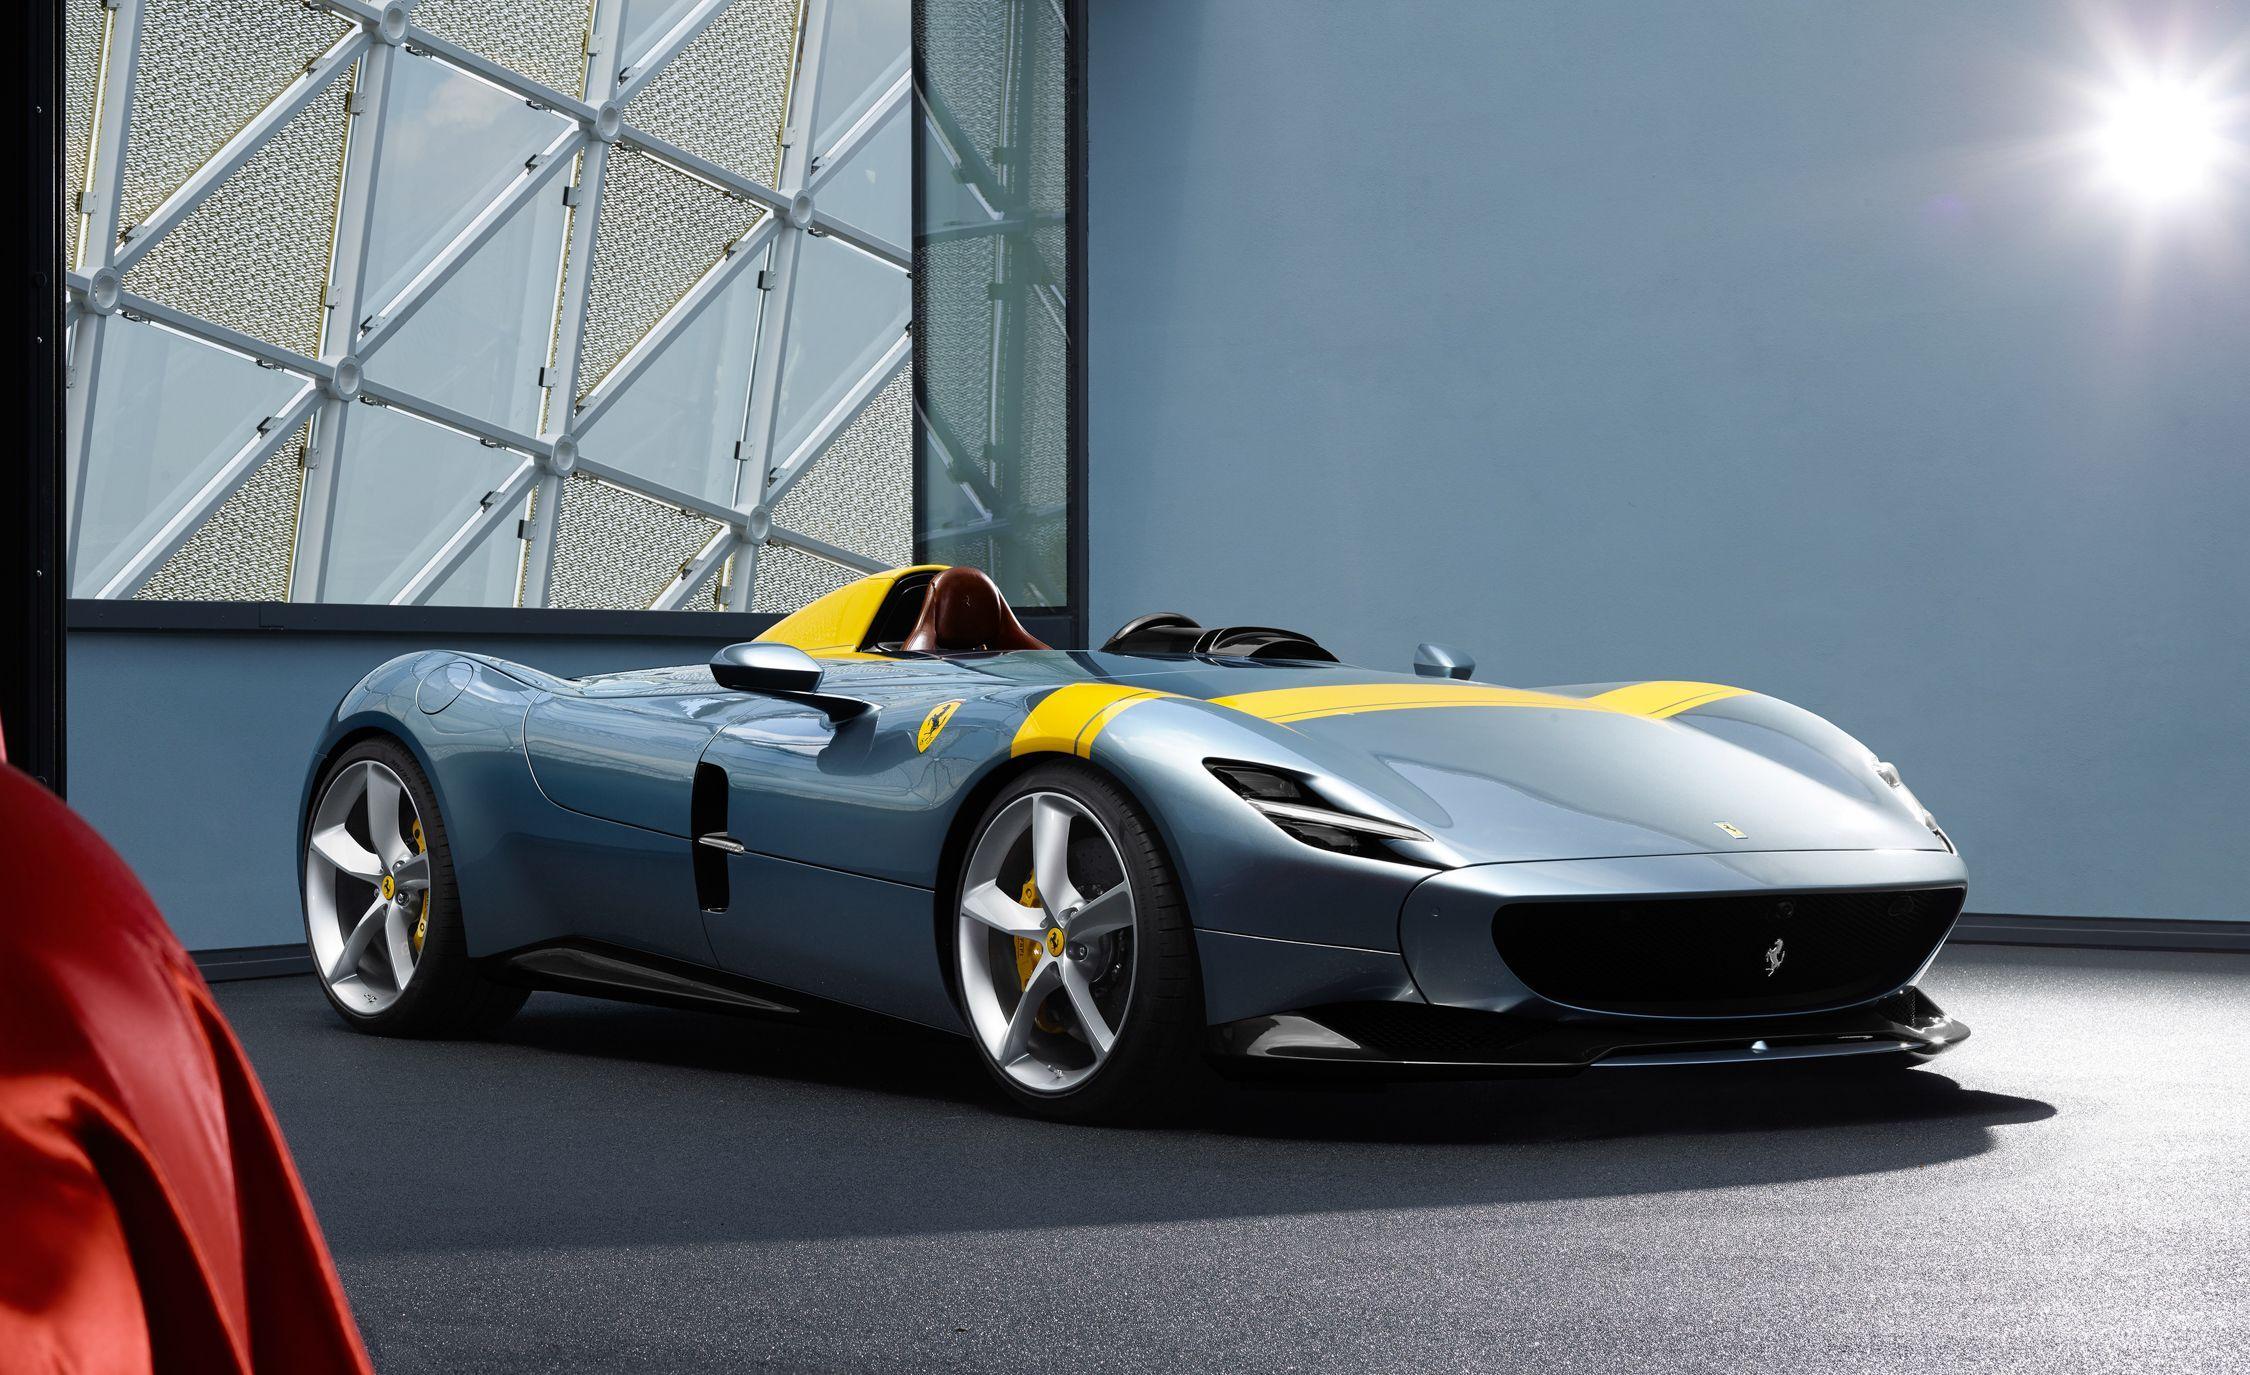 ferrari monza sp1 and sp2 speedster is an instant classicimage